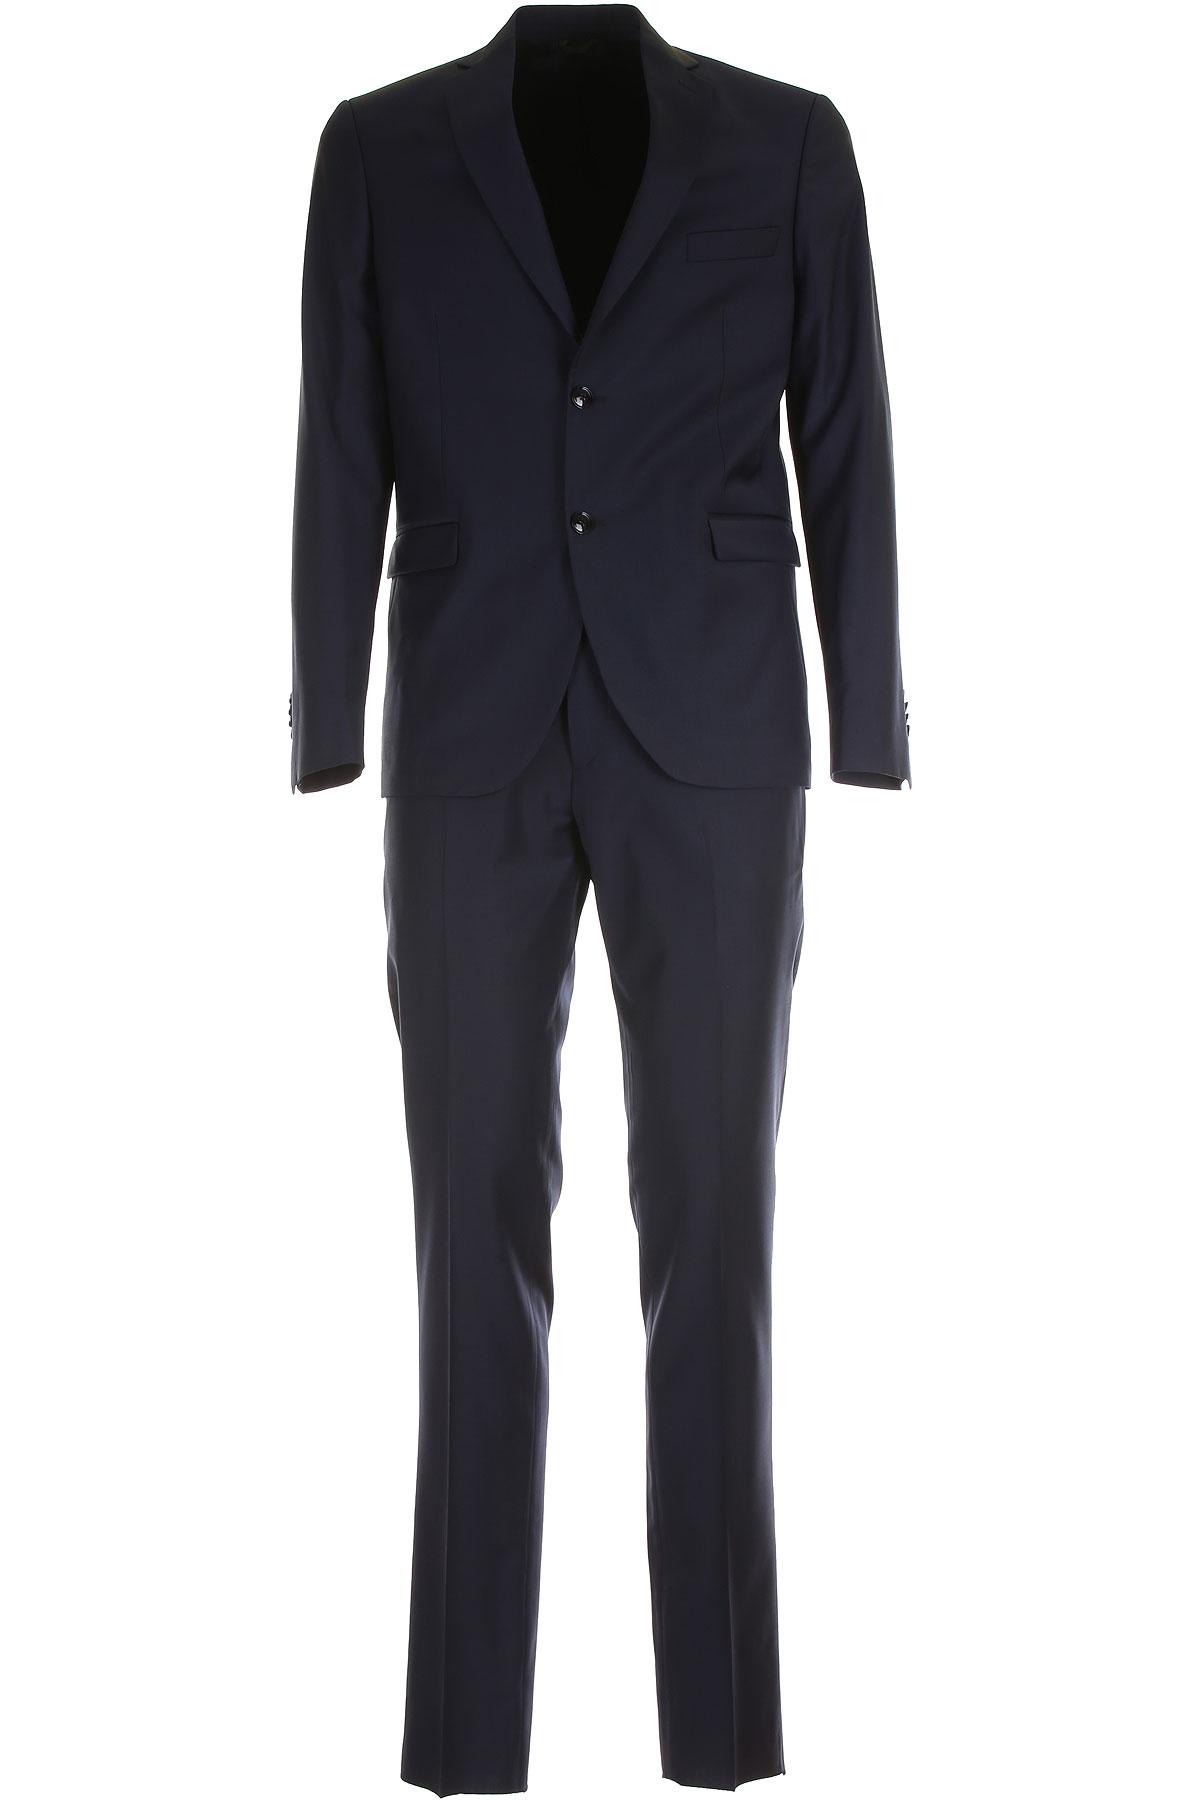 Simbols Men's Suit On Sale, Royal Blue, Pes, 2019, L M S XL XXL XXXL